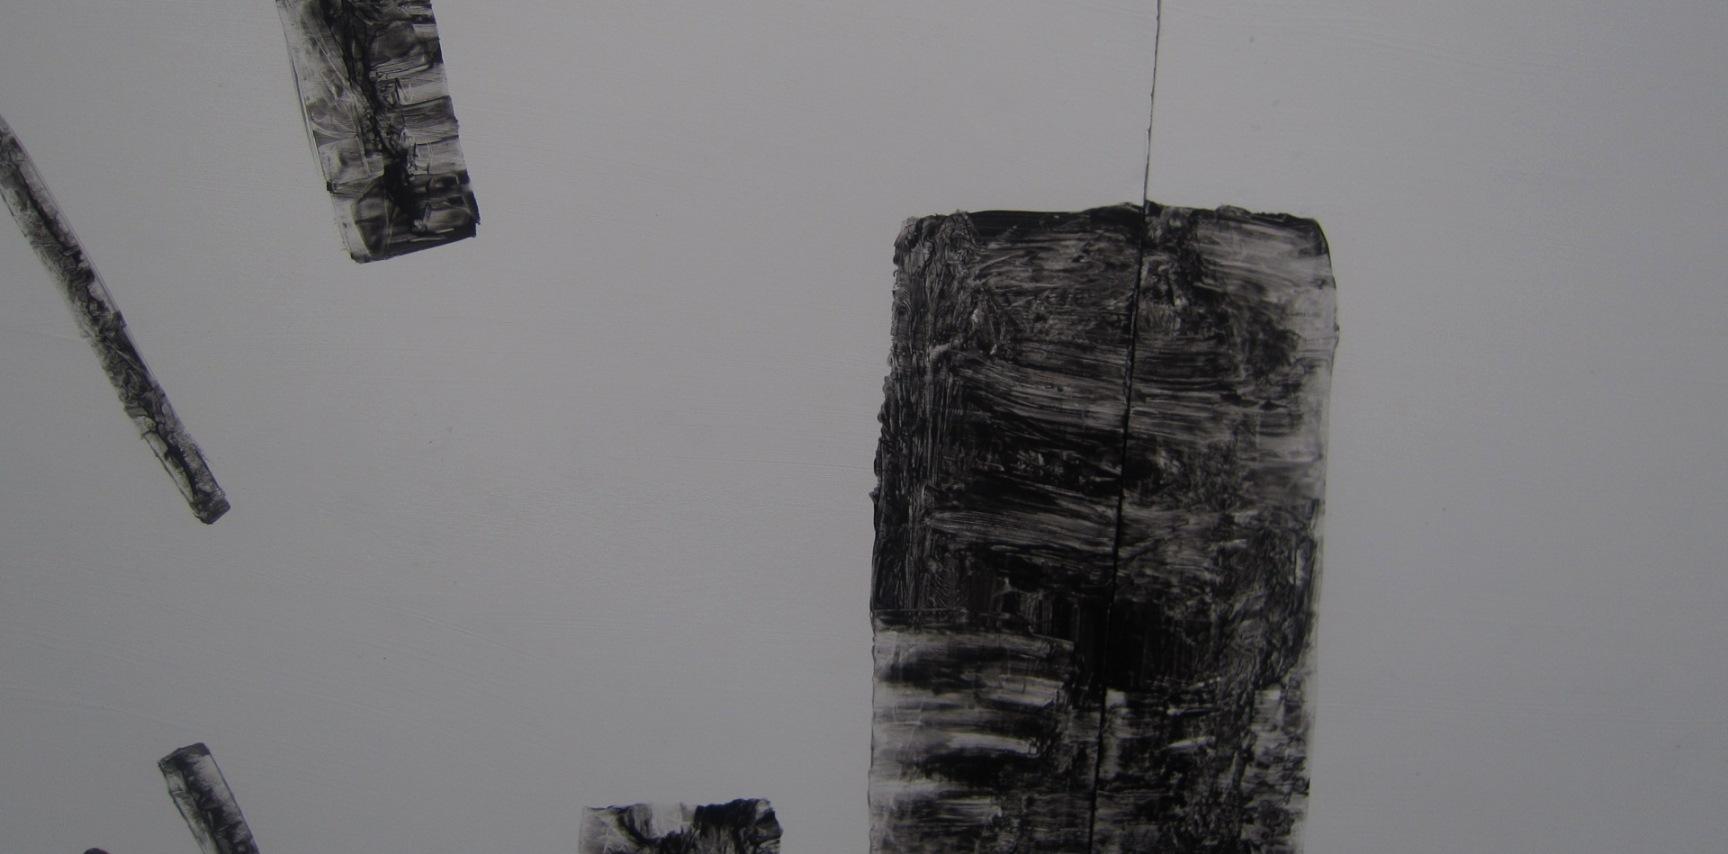 2017)②「'13 北海道抽象派作家協会四〇周年記念展」 市民ギャラリー 終了4月9日(火)~4月14日(日)_f0126829_20441280.jpg